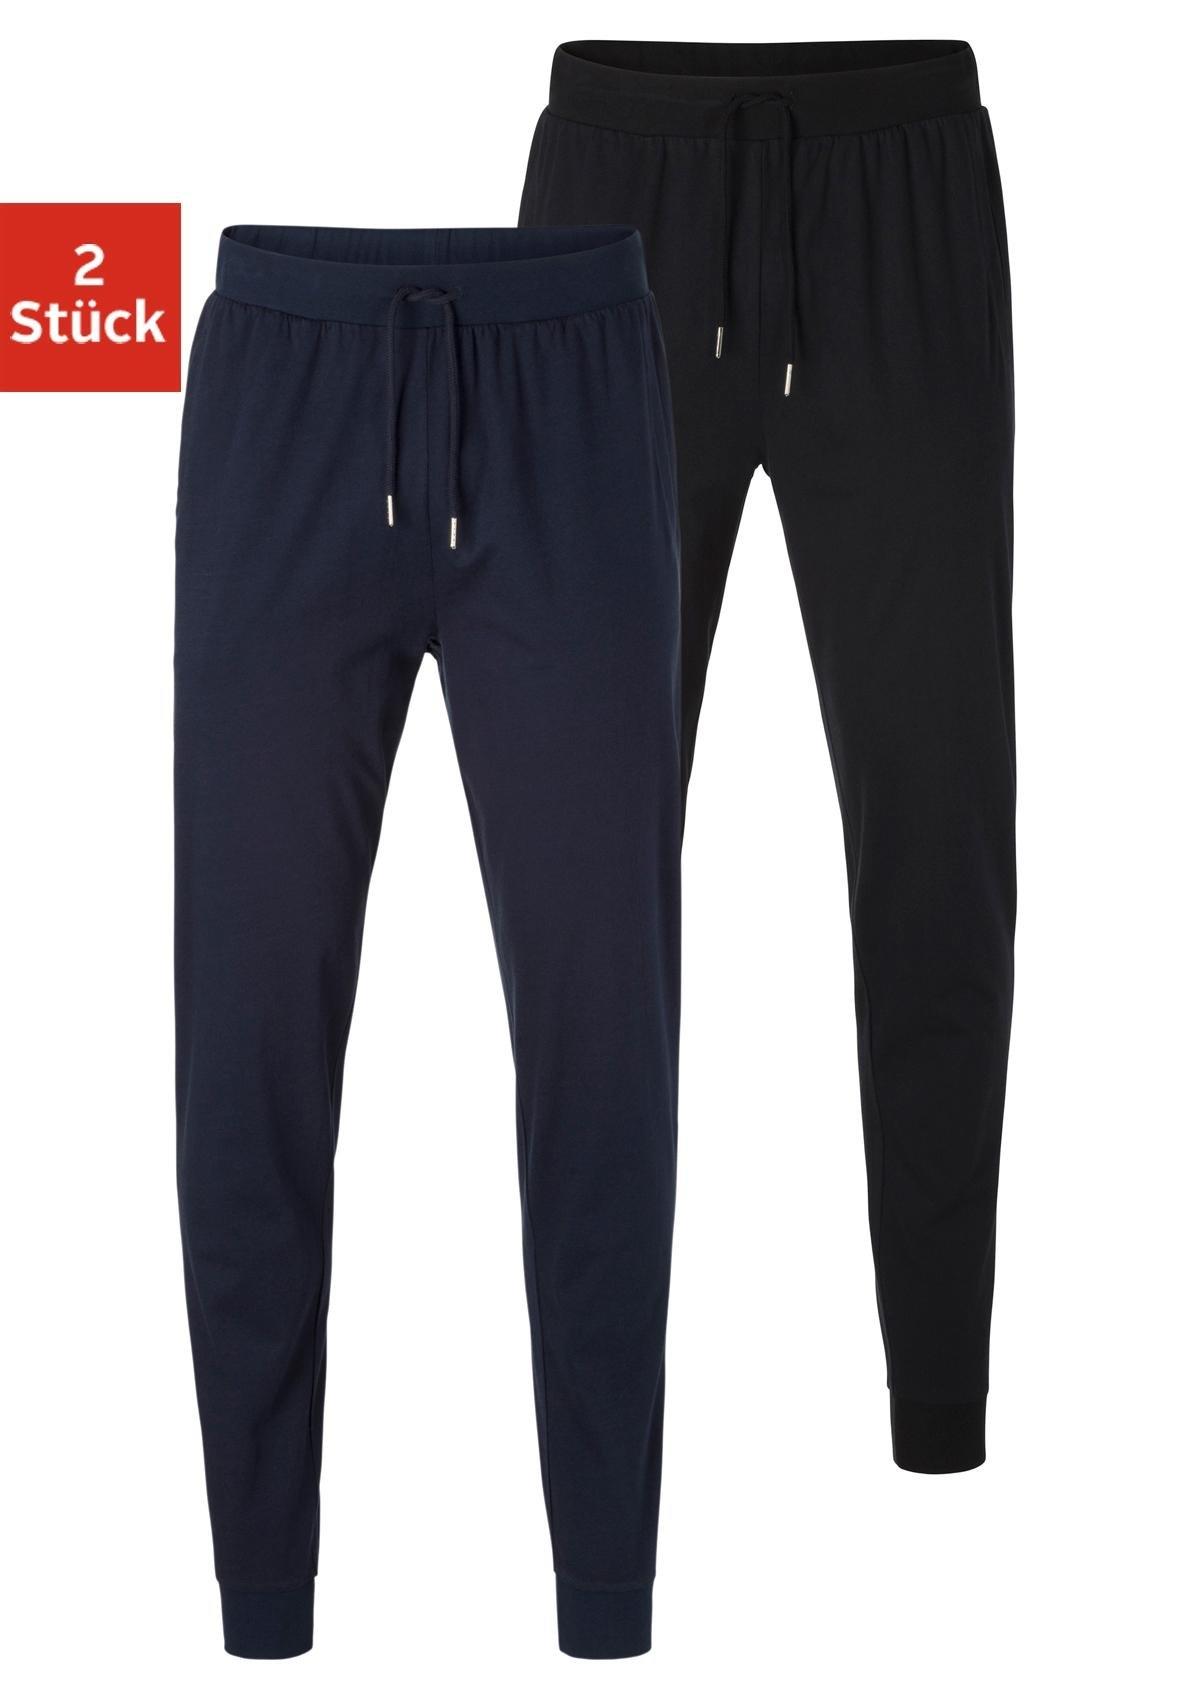 AUTHENTIC UNDERWEAR pyjamabroek van zacht single-jerseymateriaal (Set van 2) online kopen op lascana.nl